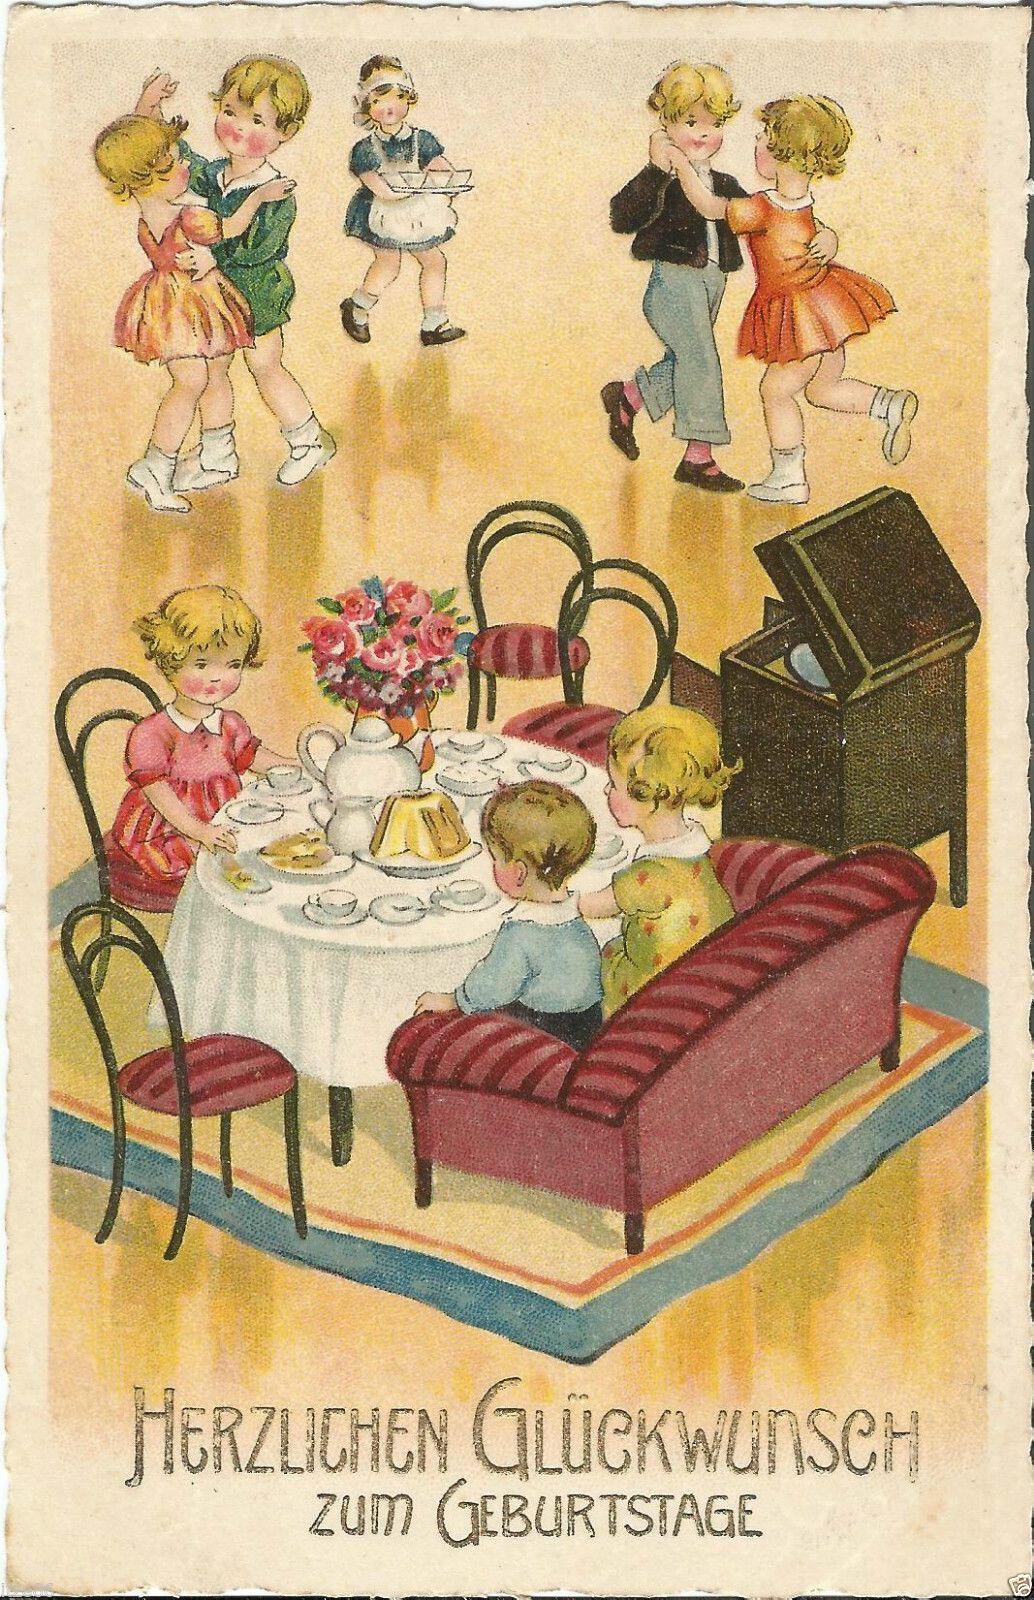 Geburtstag, Kinder beim Tanzen mit Musik aus dem Grammophon, alte Ak von 1933 | eBay